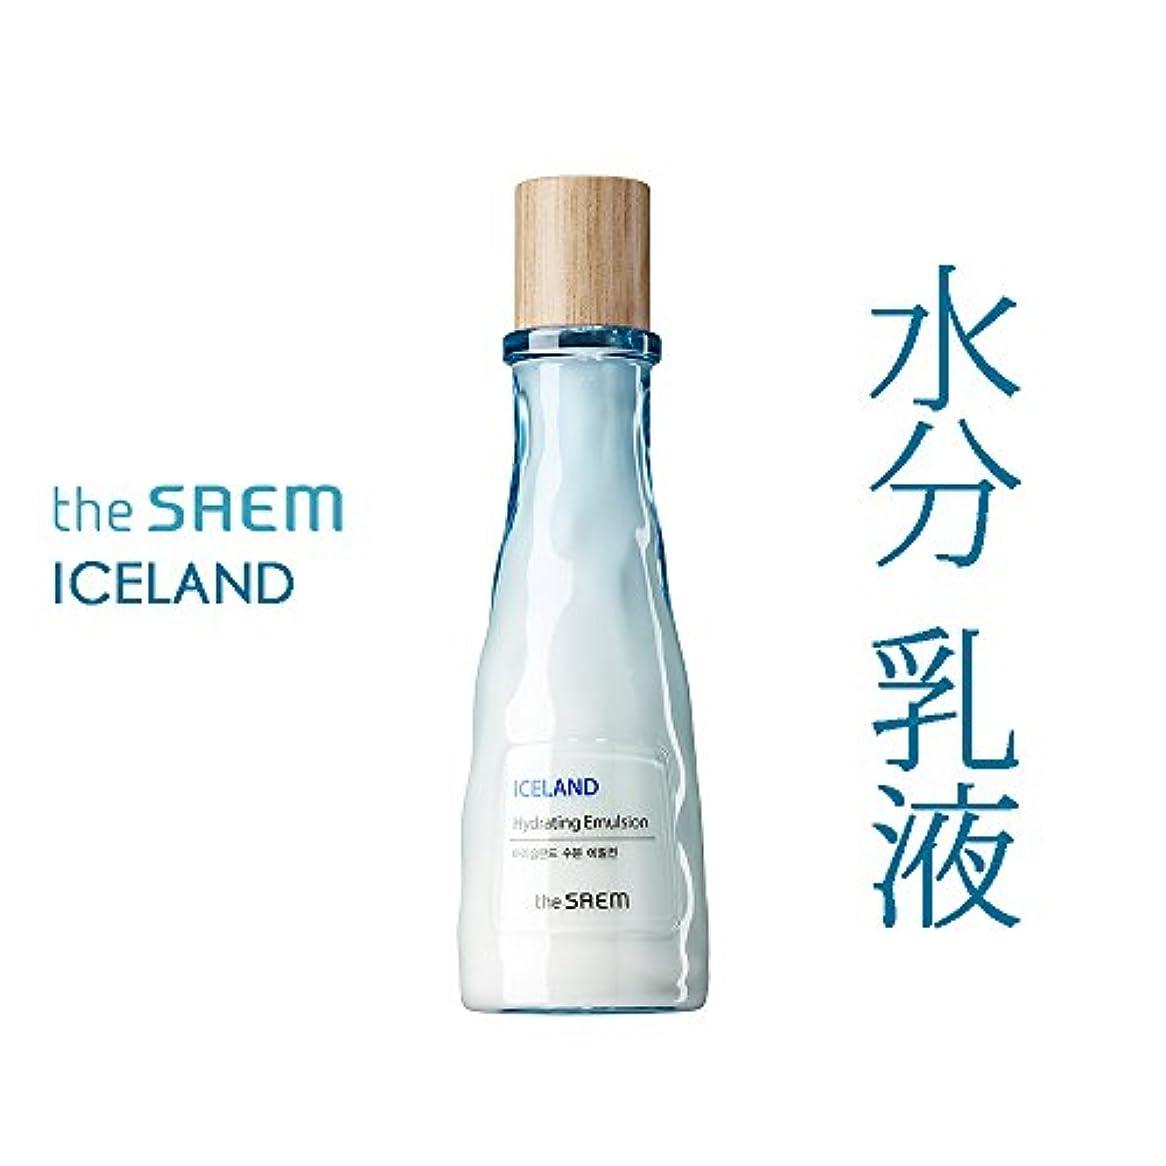 可決最大限描くザ セム The saem アイスランド 水分 乳液 The Saem Iceland Hydrating E mulsion 140ml